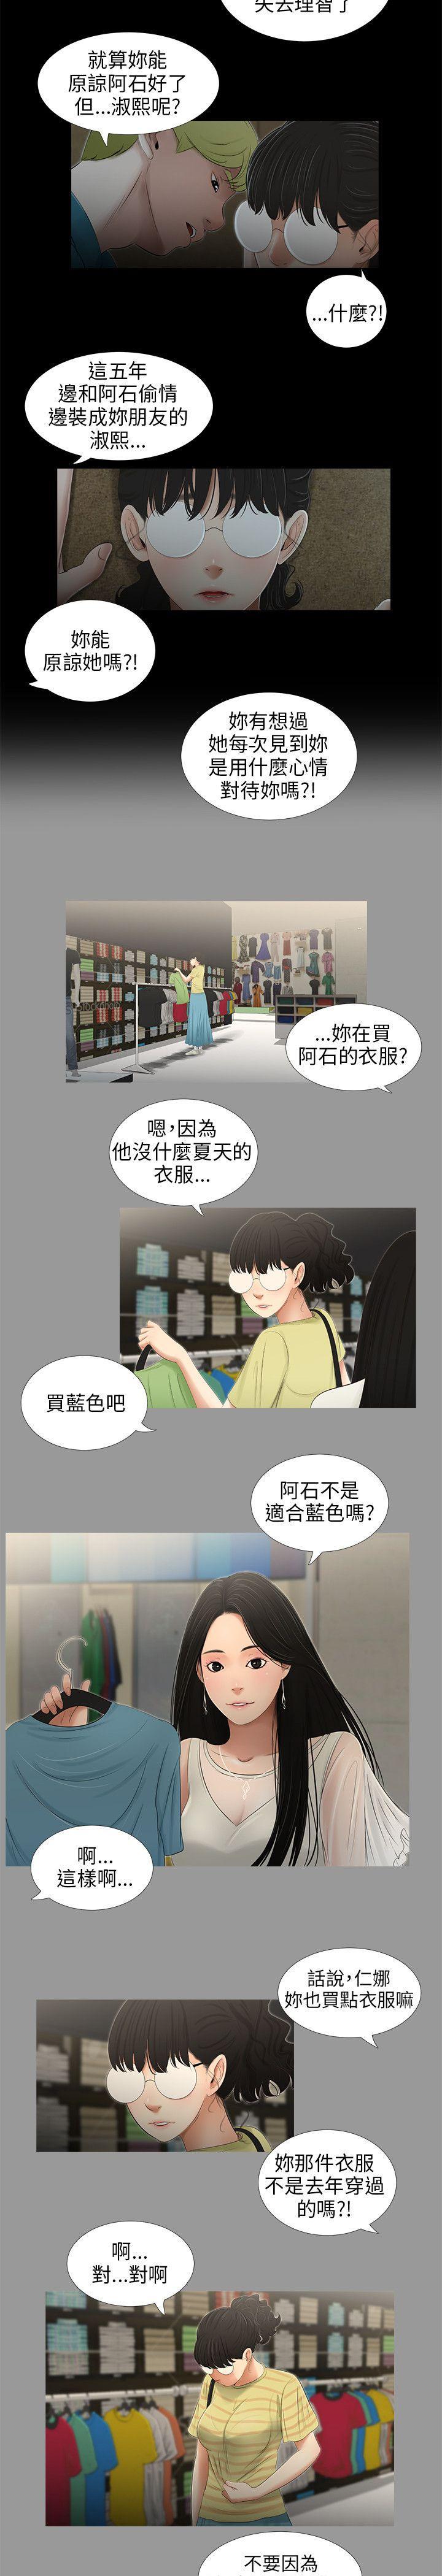 三姐妹 47-50 Chinese 10